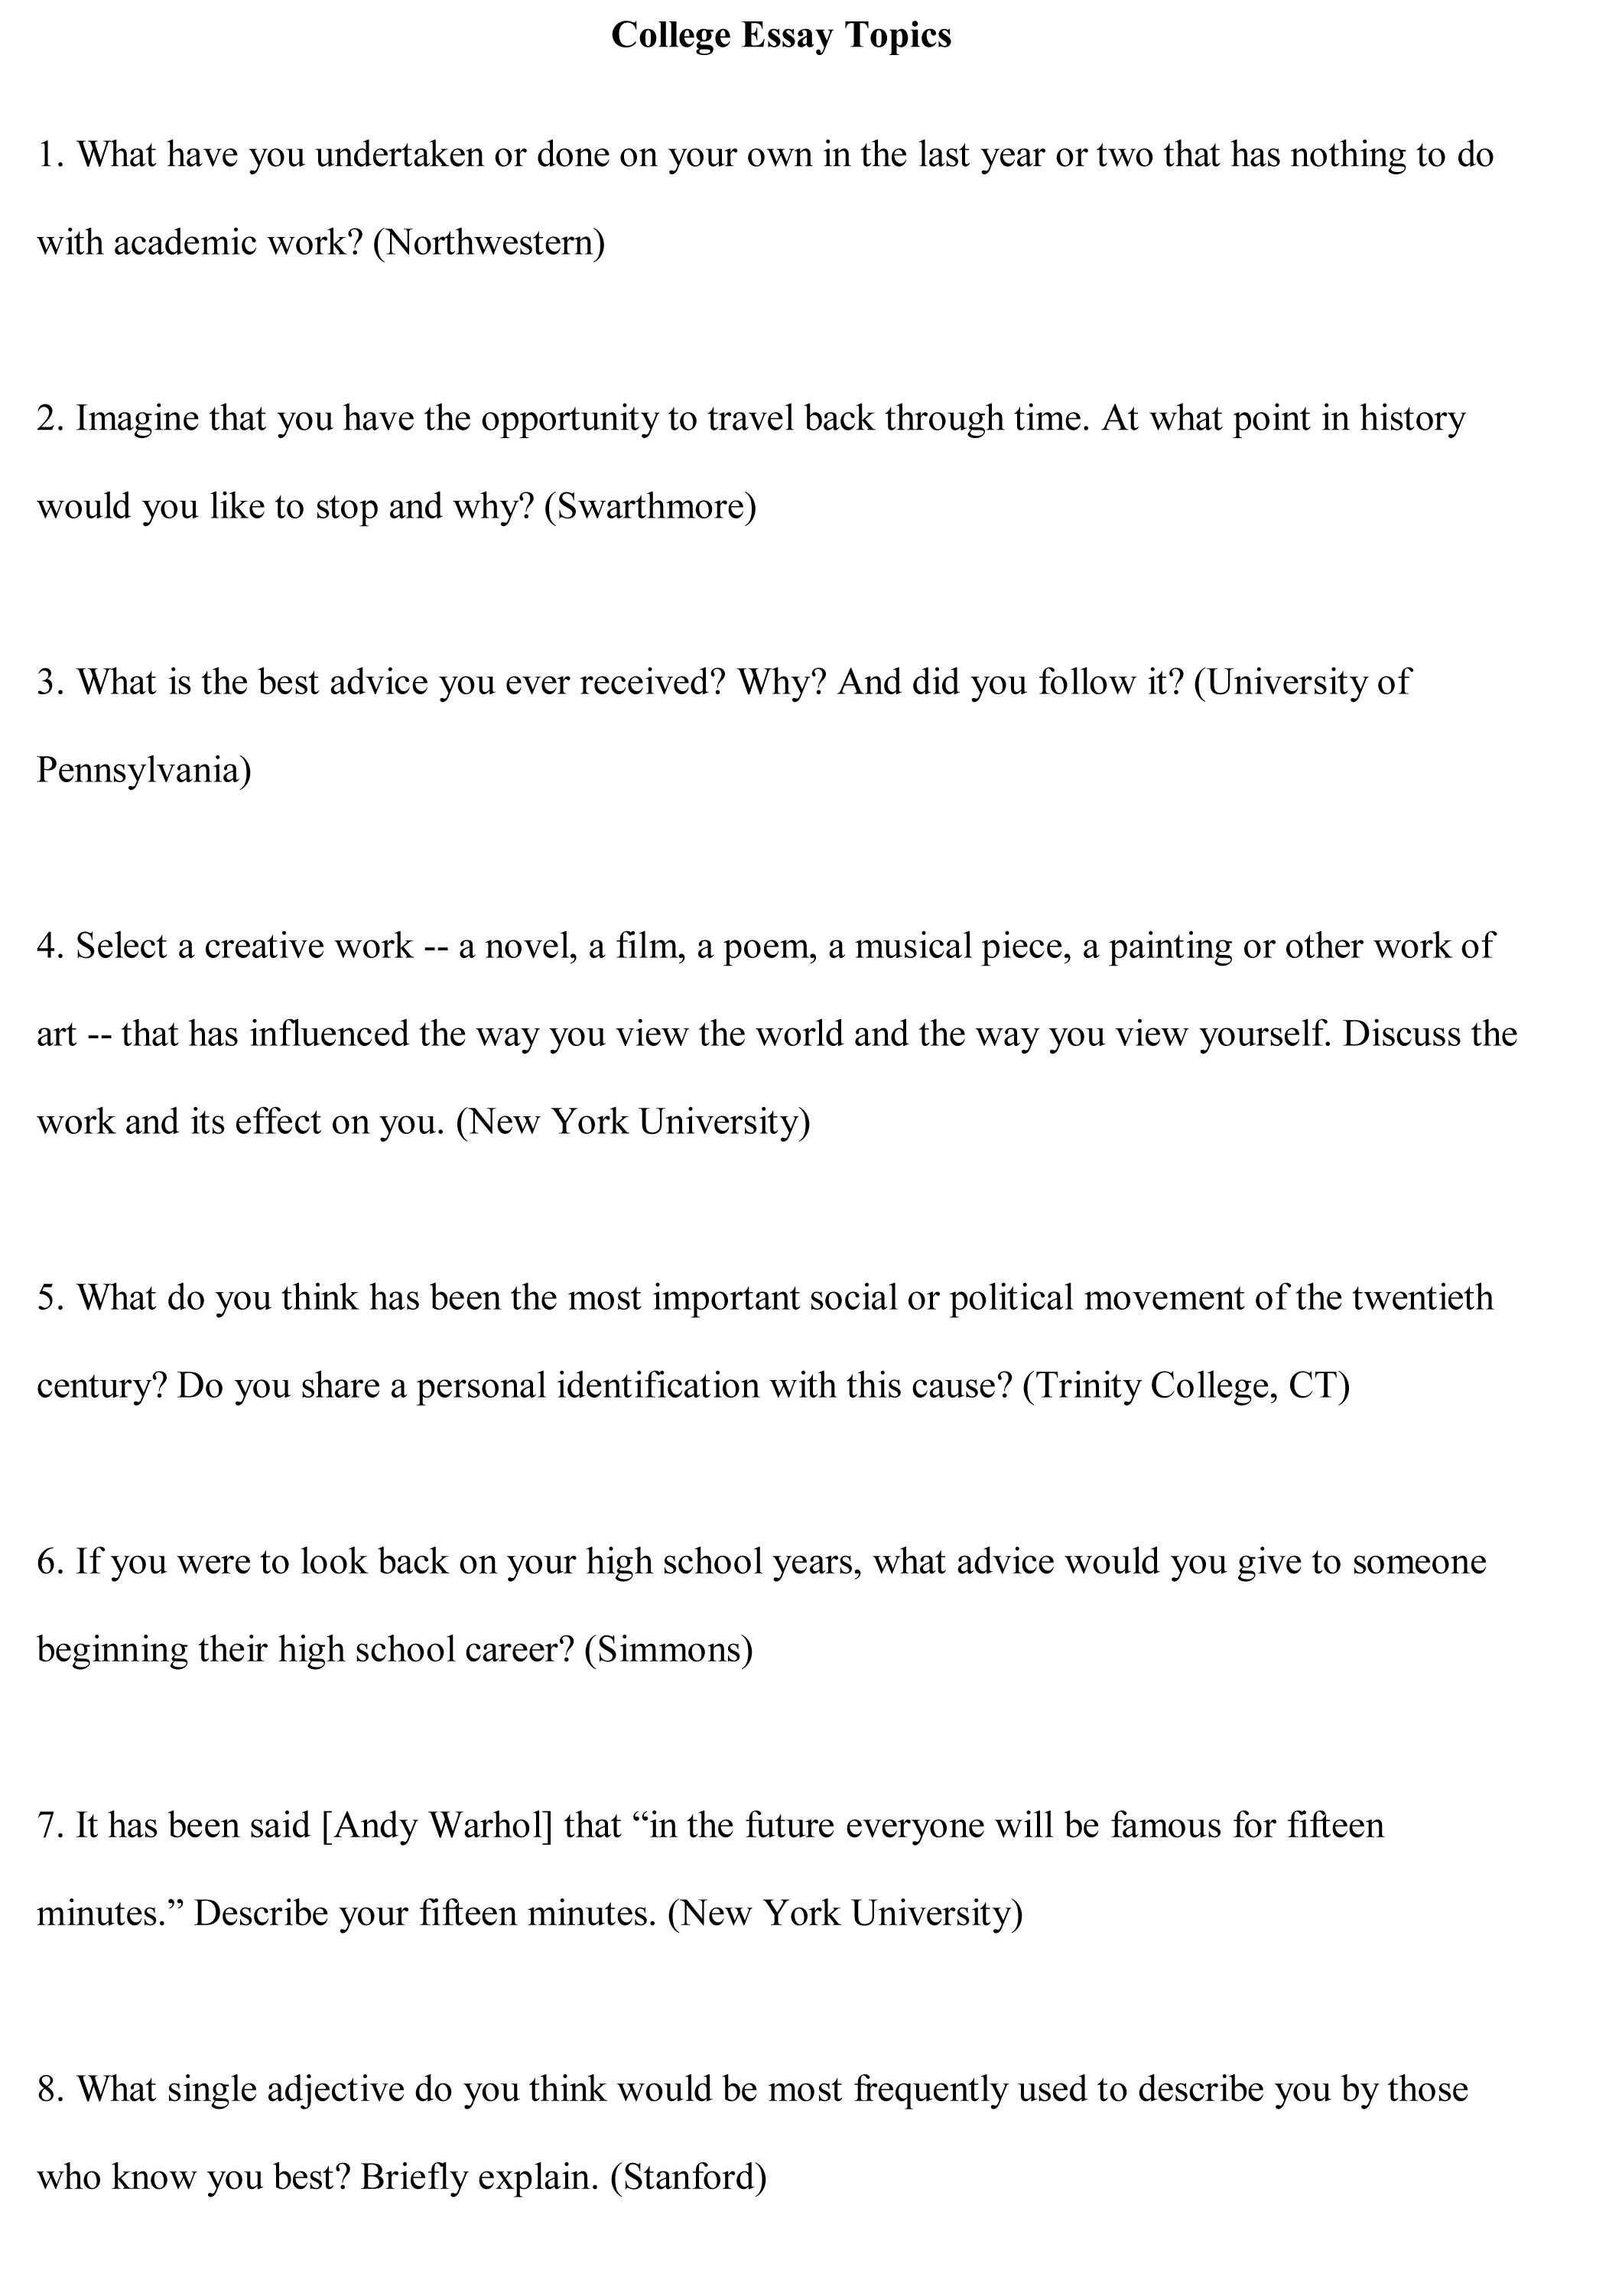 014 College Essay Topics Free Sample1 Generator Amazing Outline Idea Full